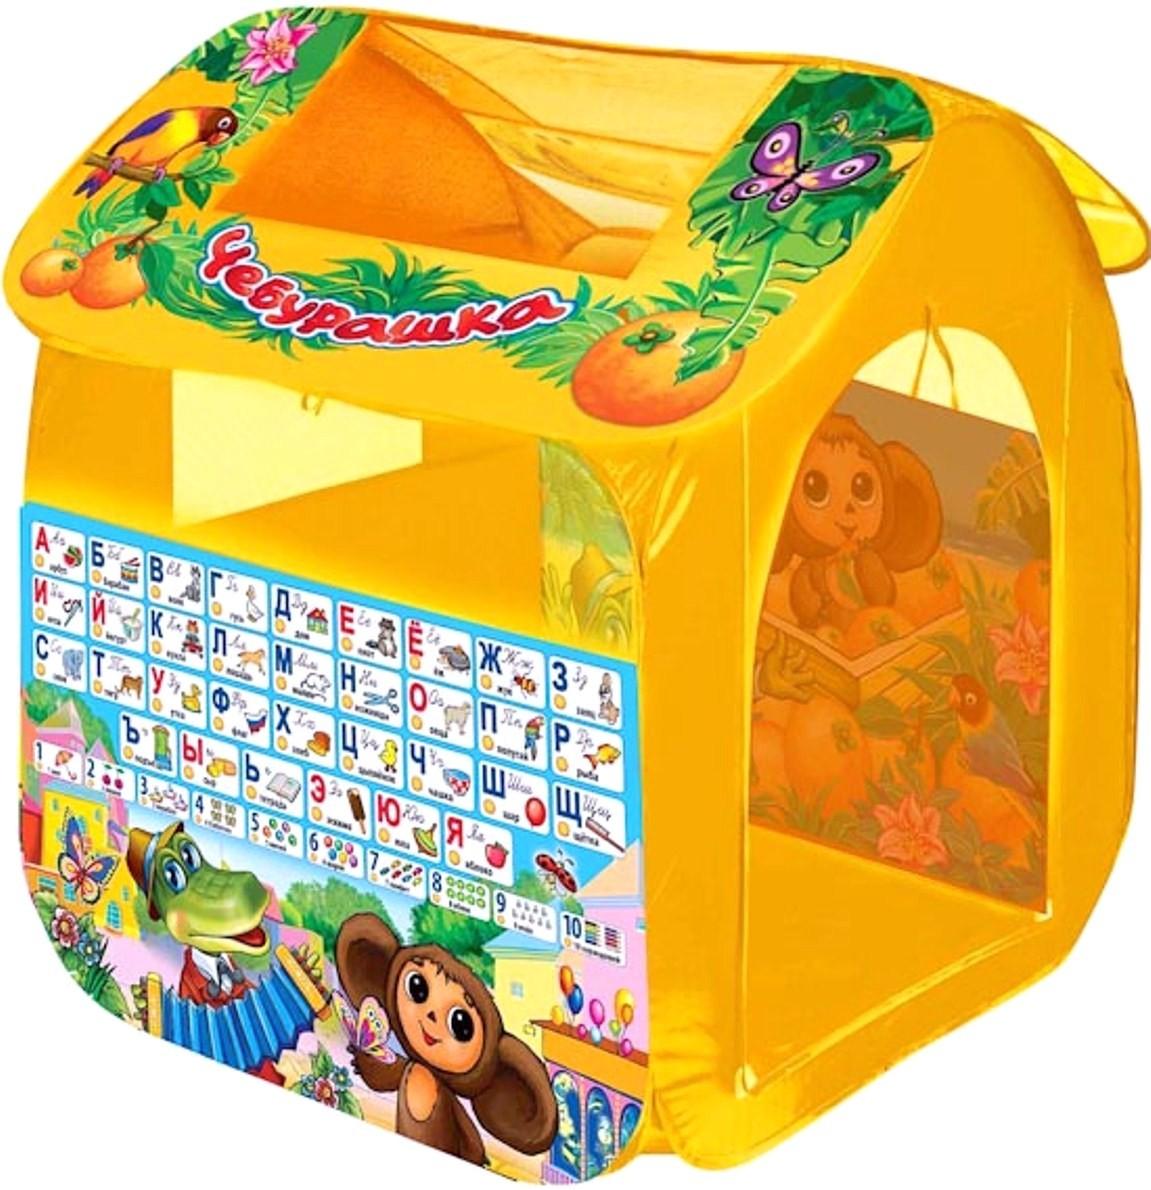 Детская игровая палатка Чебурашка» с азбукой в сумкеИгрушки Союзмультфильм<br>Детская игровая палатка Чебурашка» с азбукой в сумке<br>